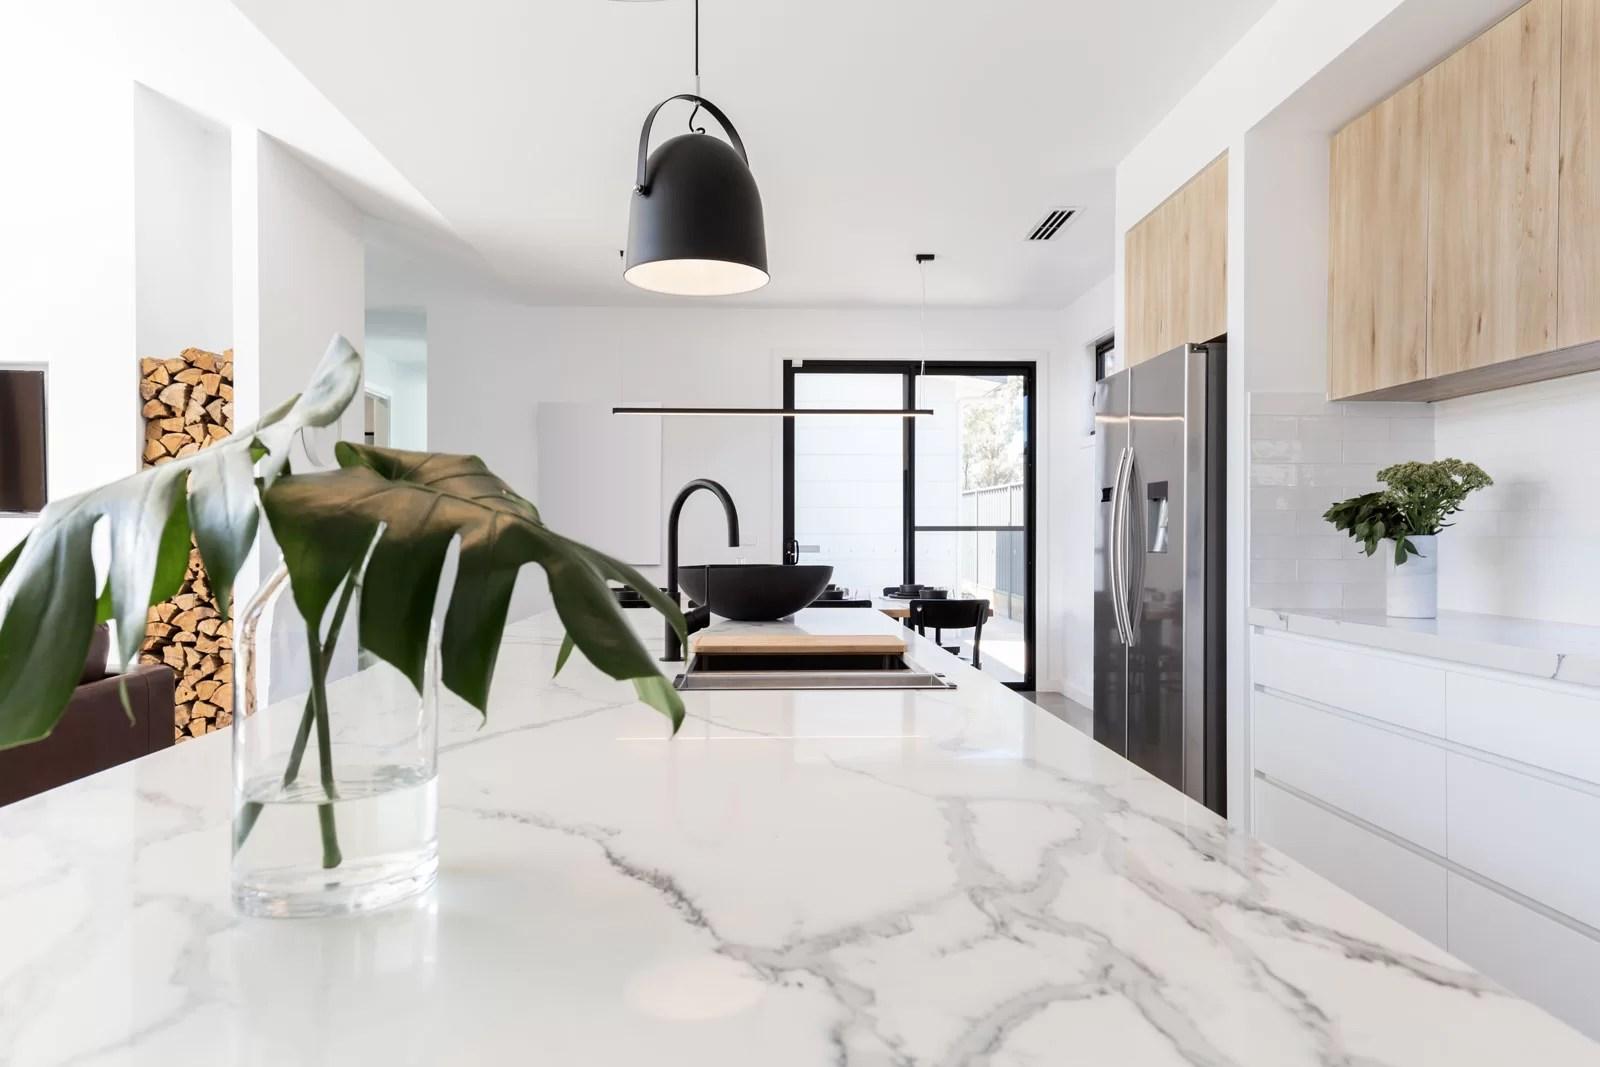 Top Marmo Cucina | Cucine In Marmo Idee Di Design Per La Casa ...